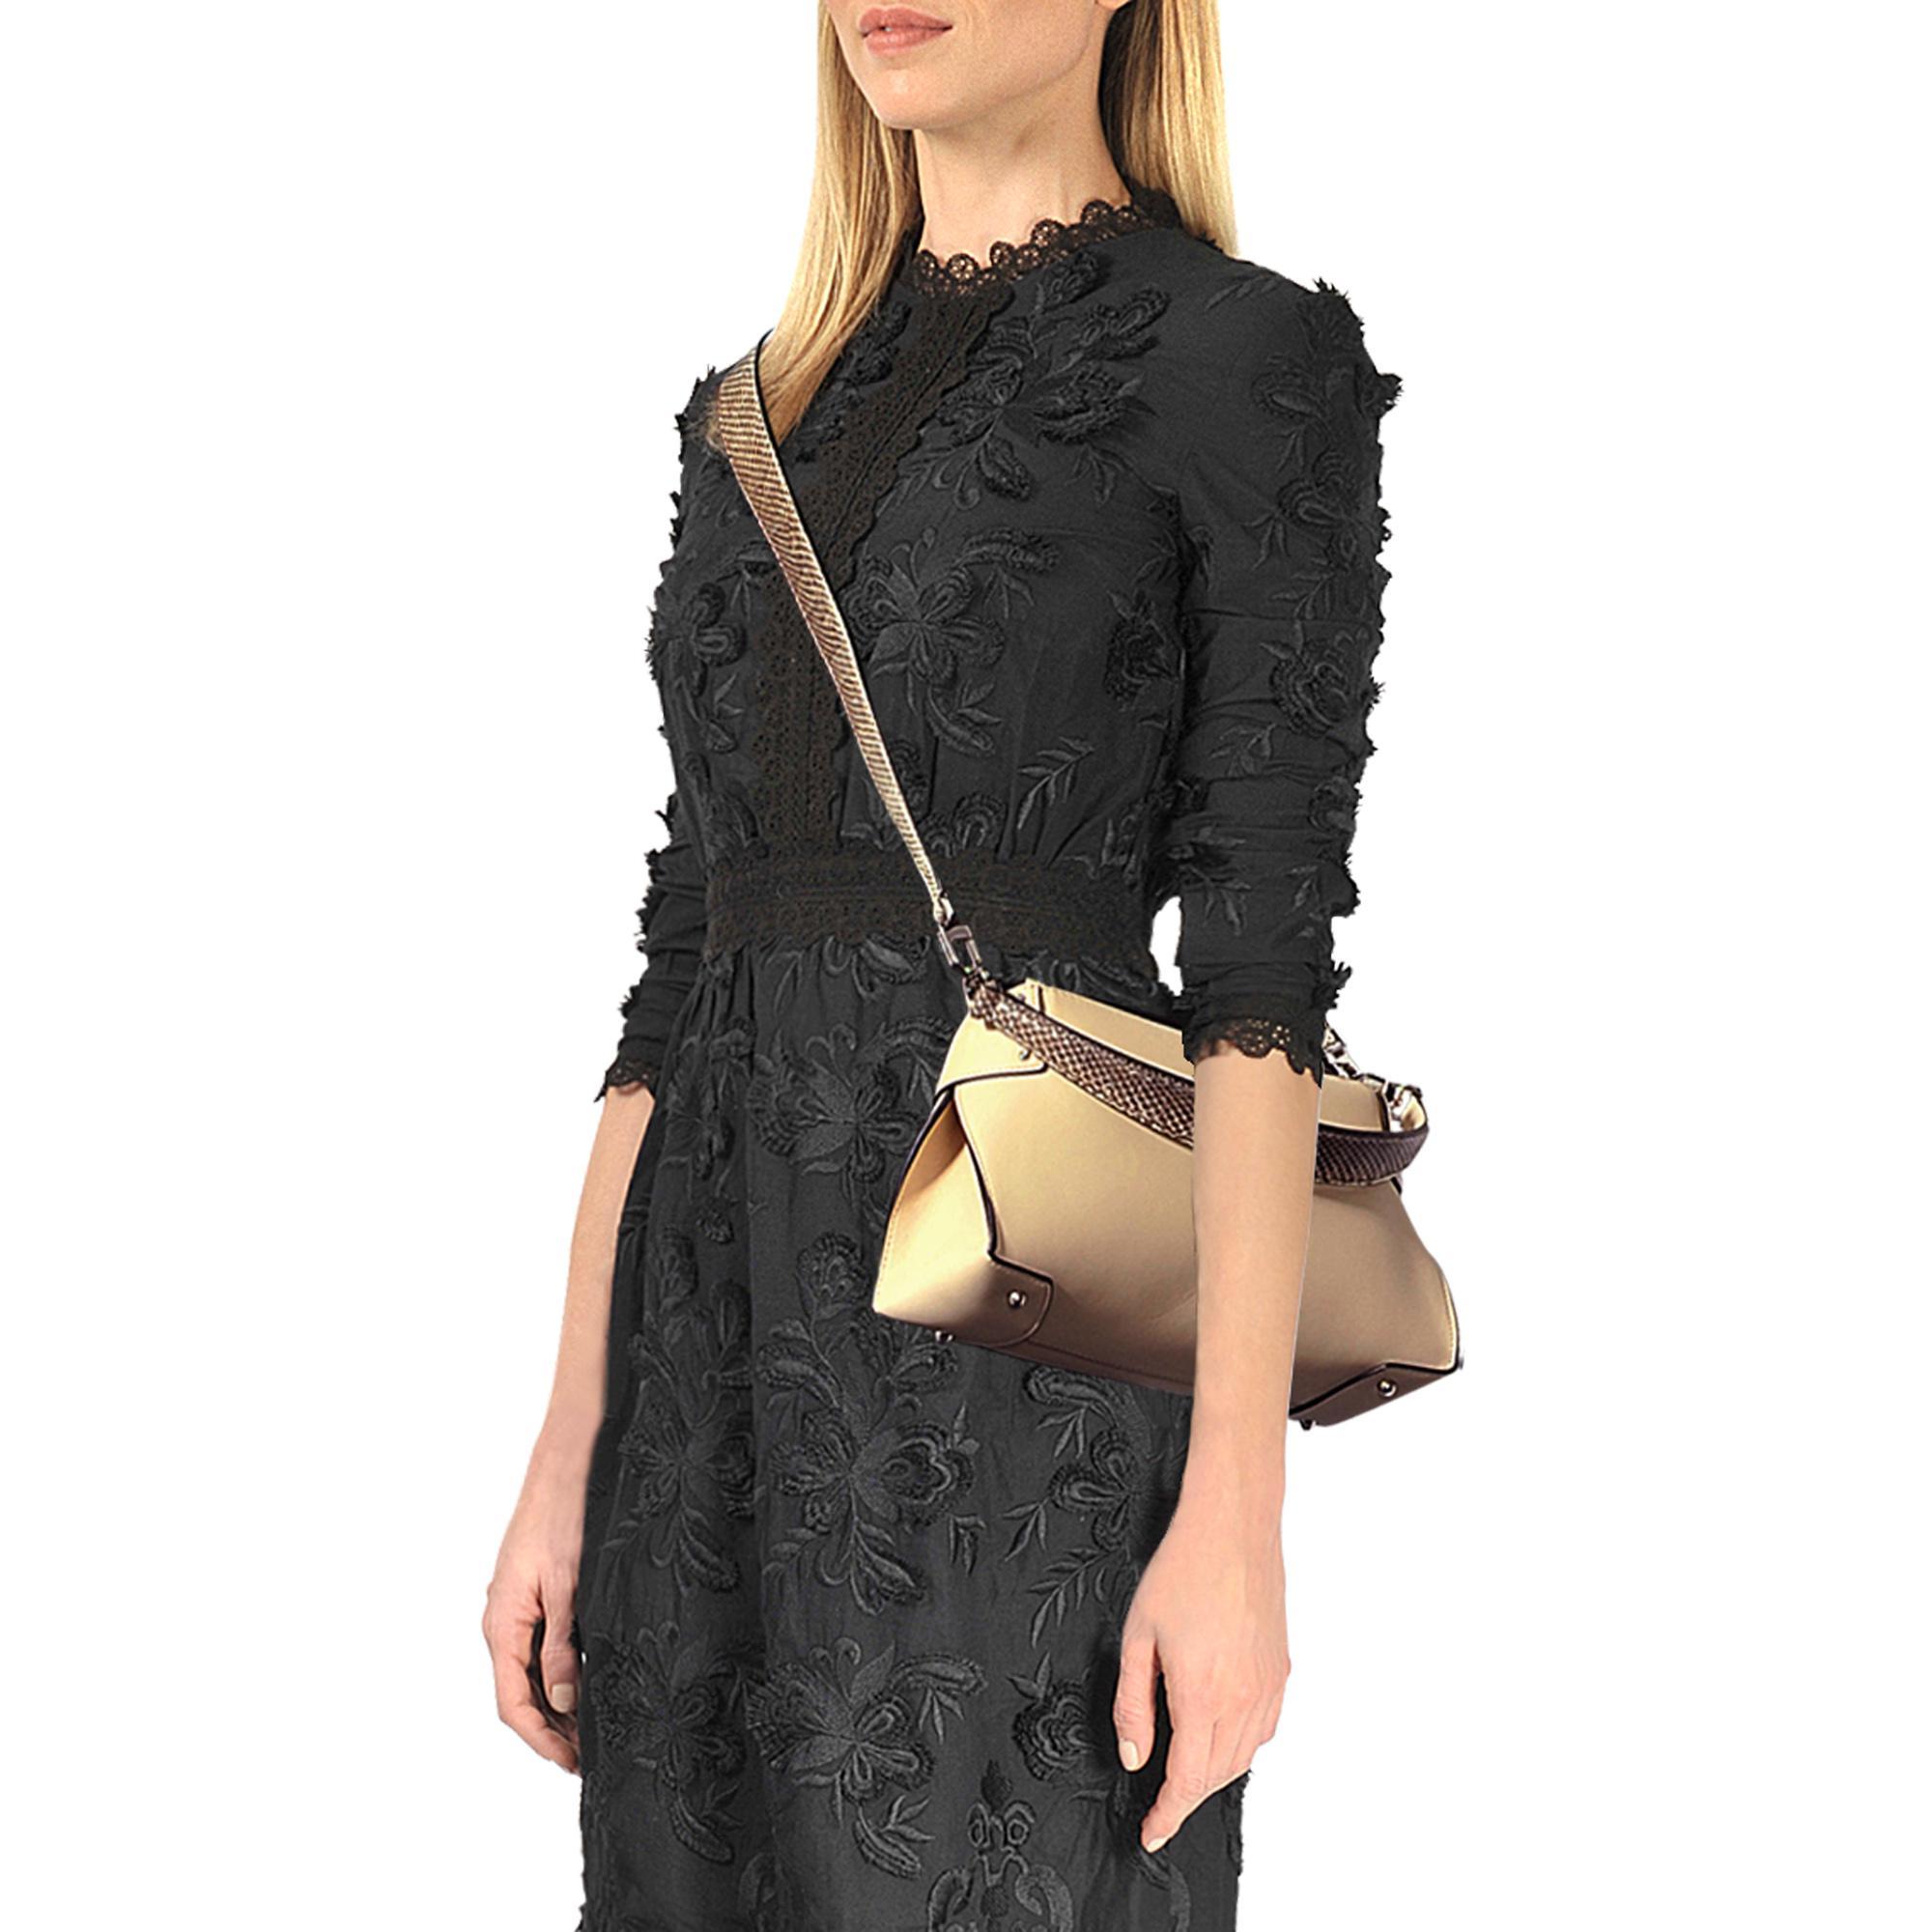 8b8b6c3534b4 Michael Kors Miranda Md Top Lock Shoulder Bag in Natural - Lyst